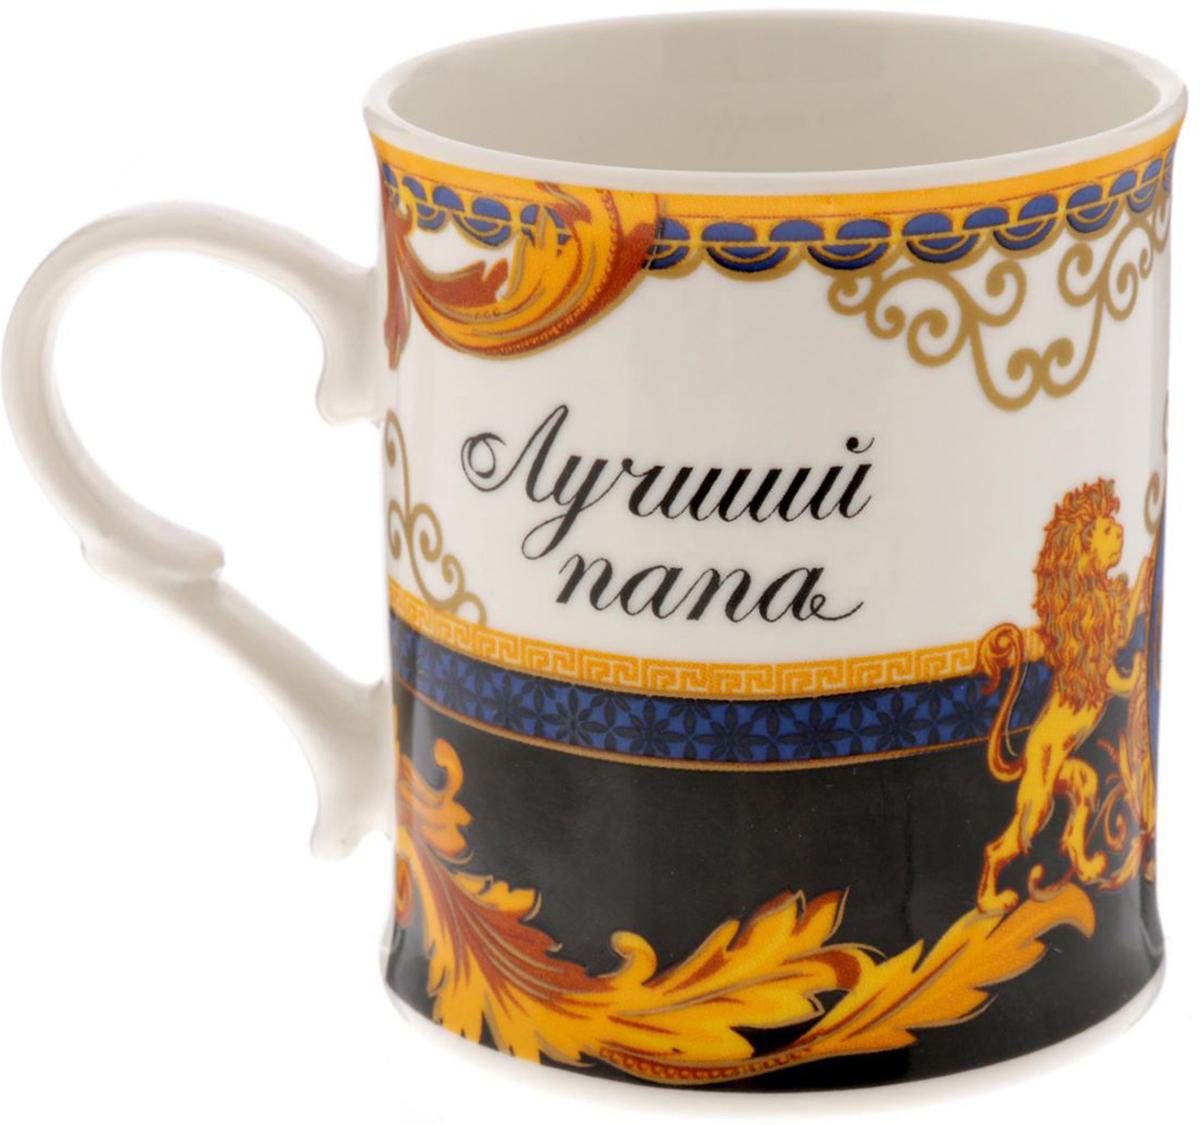 Кружка Sima-Land Лучший папа, цвет: белый, мультиколор, 300 мл. 14895831489583Кружка - лучший подарок.Такой сувенир - замечательный и памятный подарок на любой случай. Он с любовью создан нашими дизайнерами специально для ценителей чая. Интересный дизайн и благородные цвета будут радовать ее обладателя долгие годы. Изображение нанесено с помощью сублимации, поэтому устойчиво к воздействию моющих средств и не подвержено выгоранию на солнце.Соберите коллекцию для всей семьи, тогда каждое чаепитие в кругу родных превратится в настоящую церемонию.